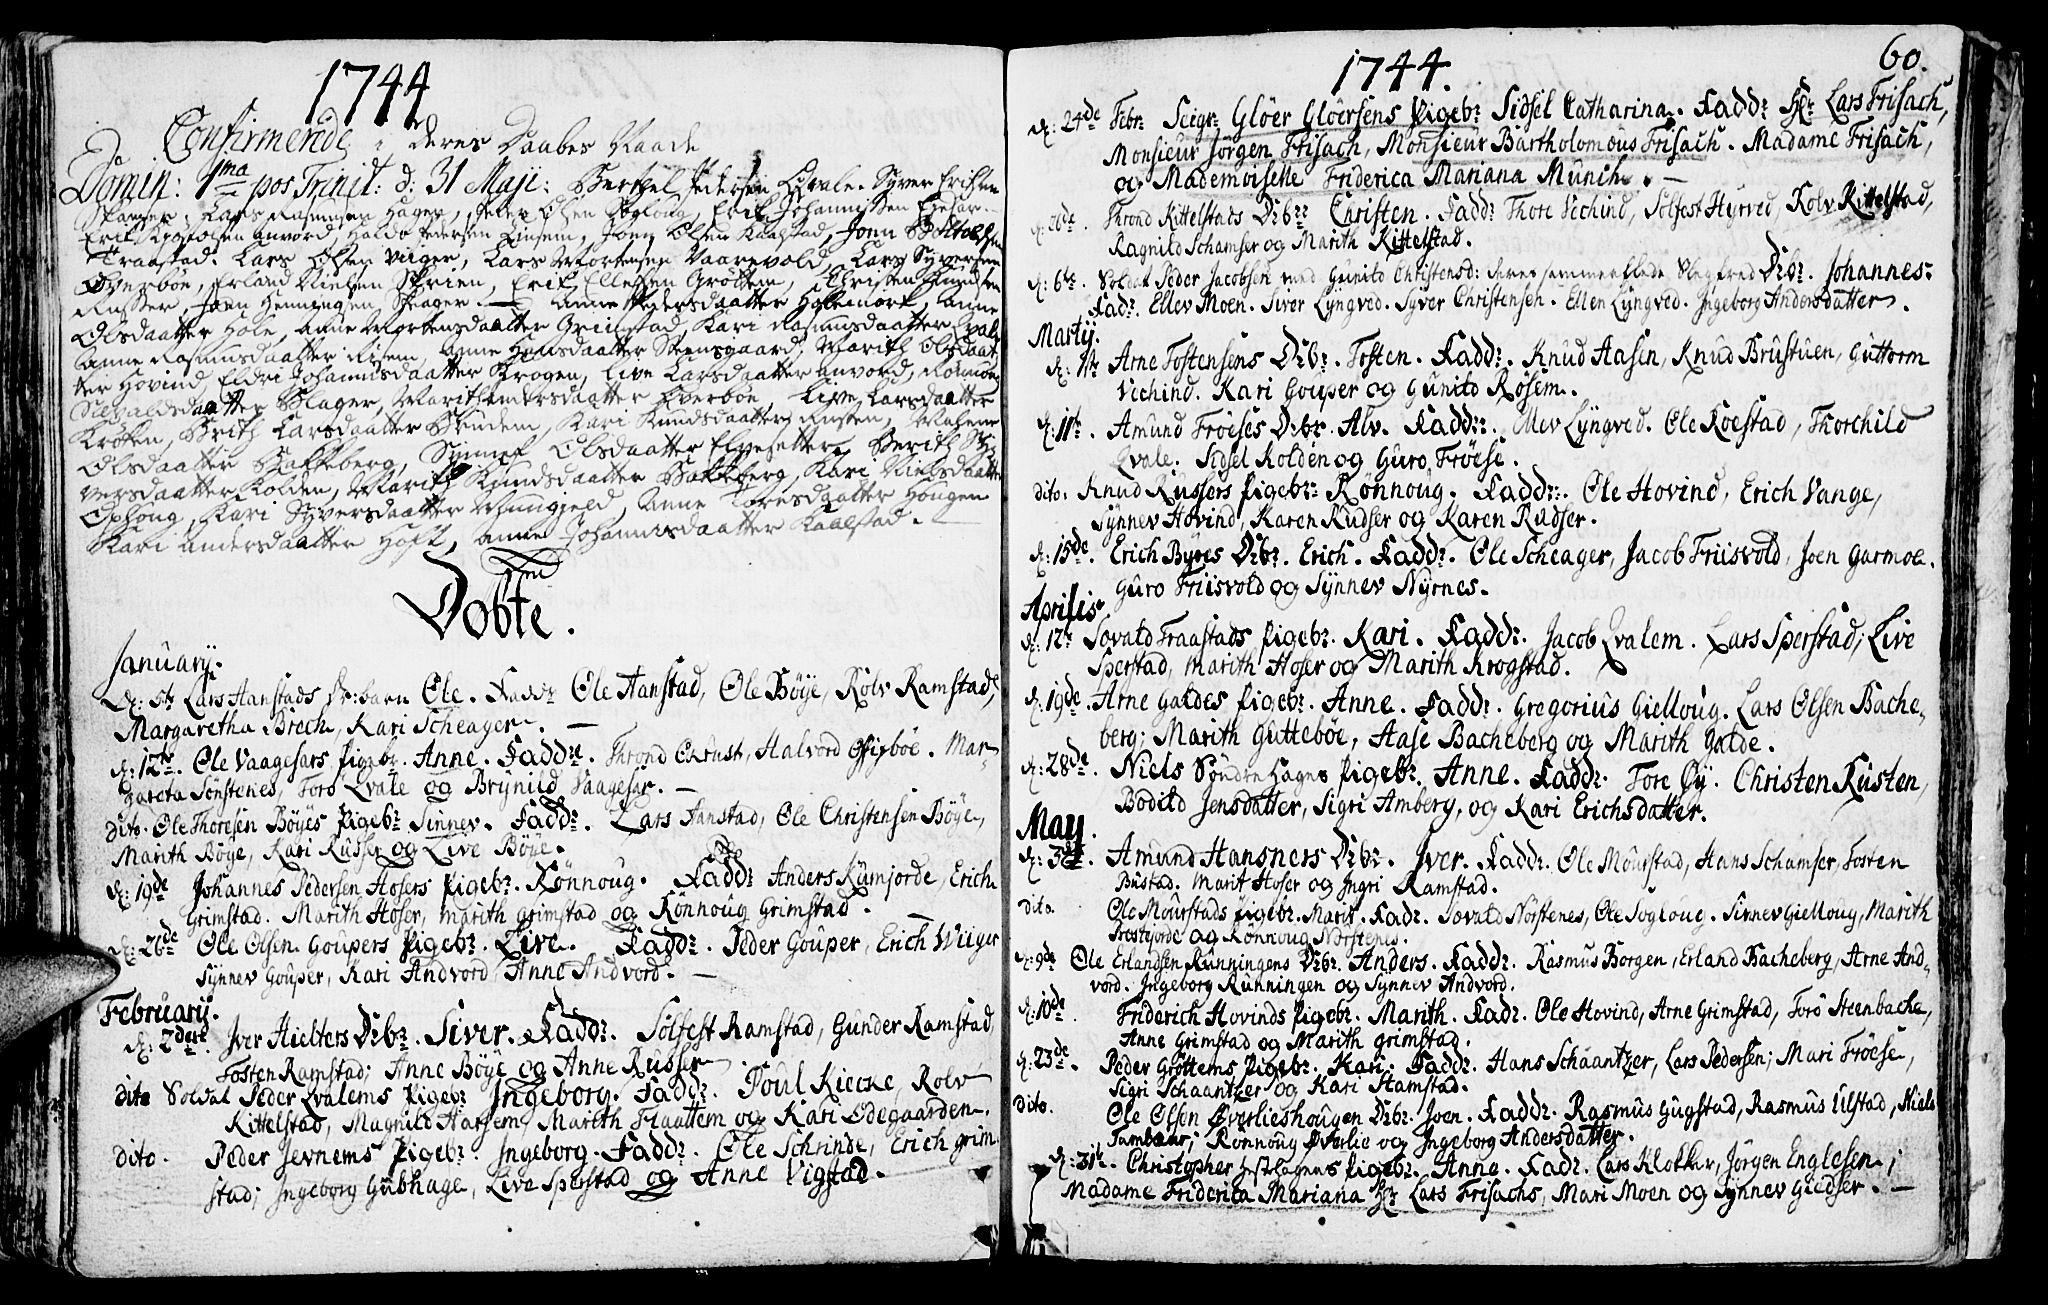 SAH, Lom prestekontor, K/L0001: Ministerialbok nr. 1, 1733-1748, s. 60